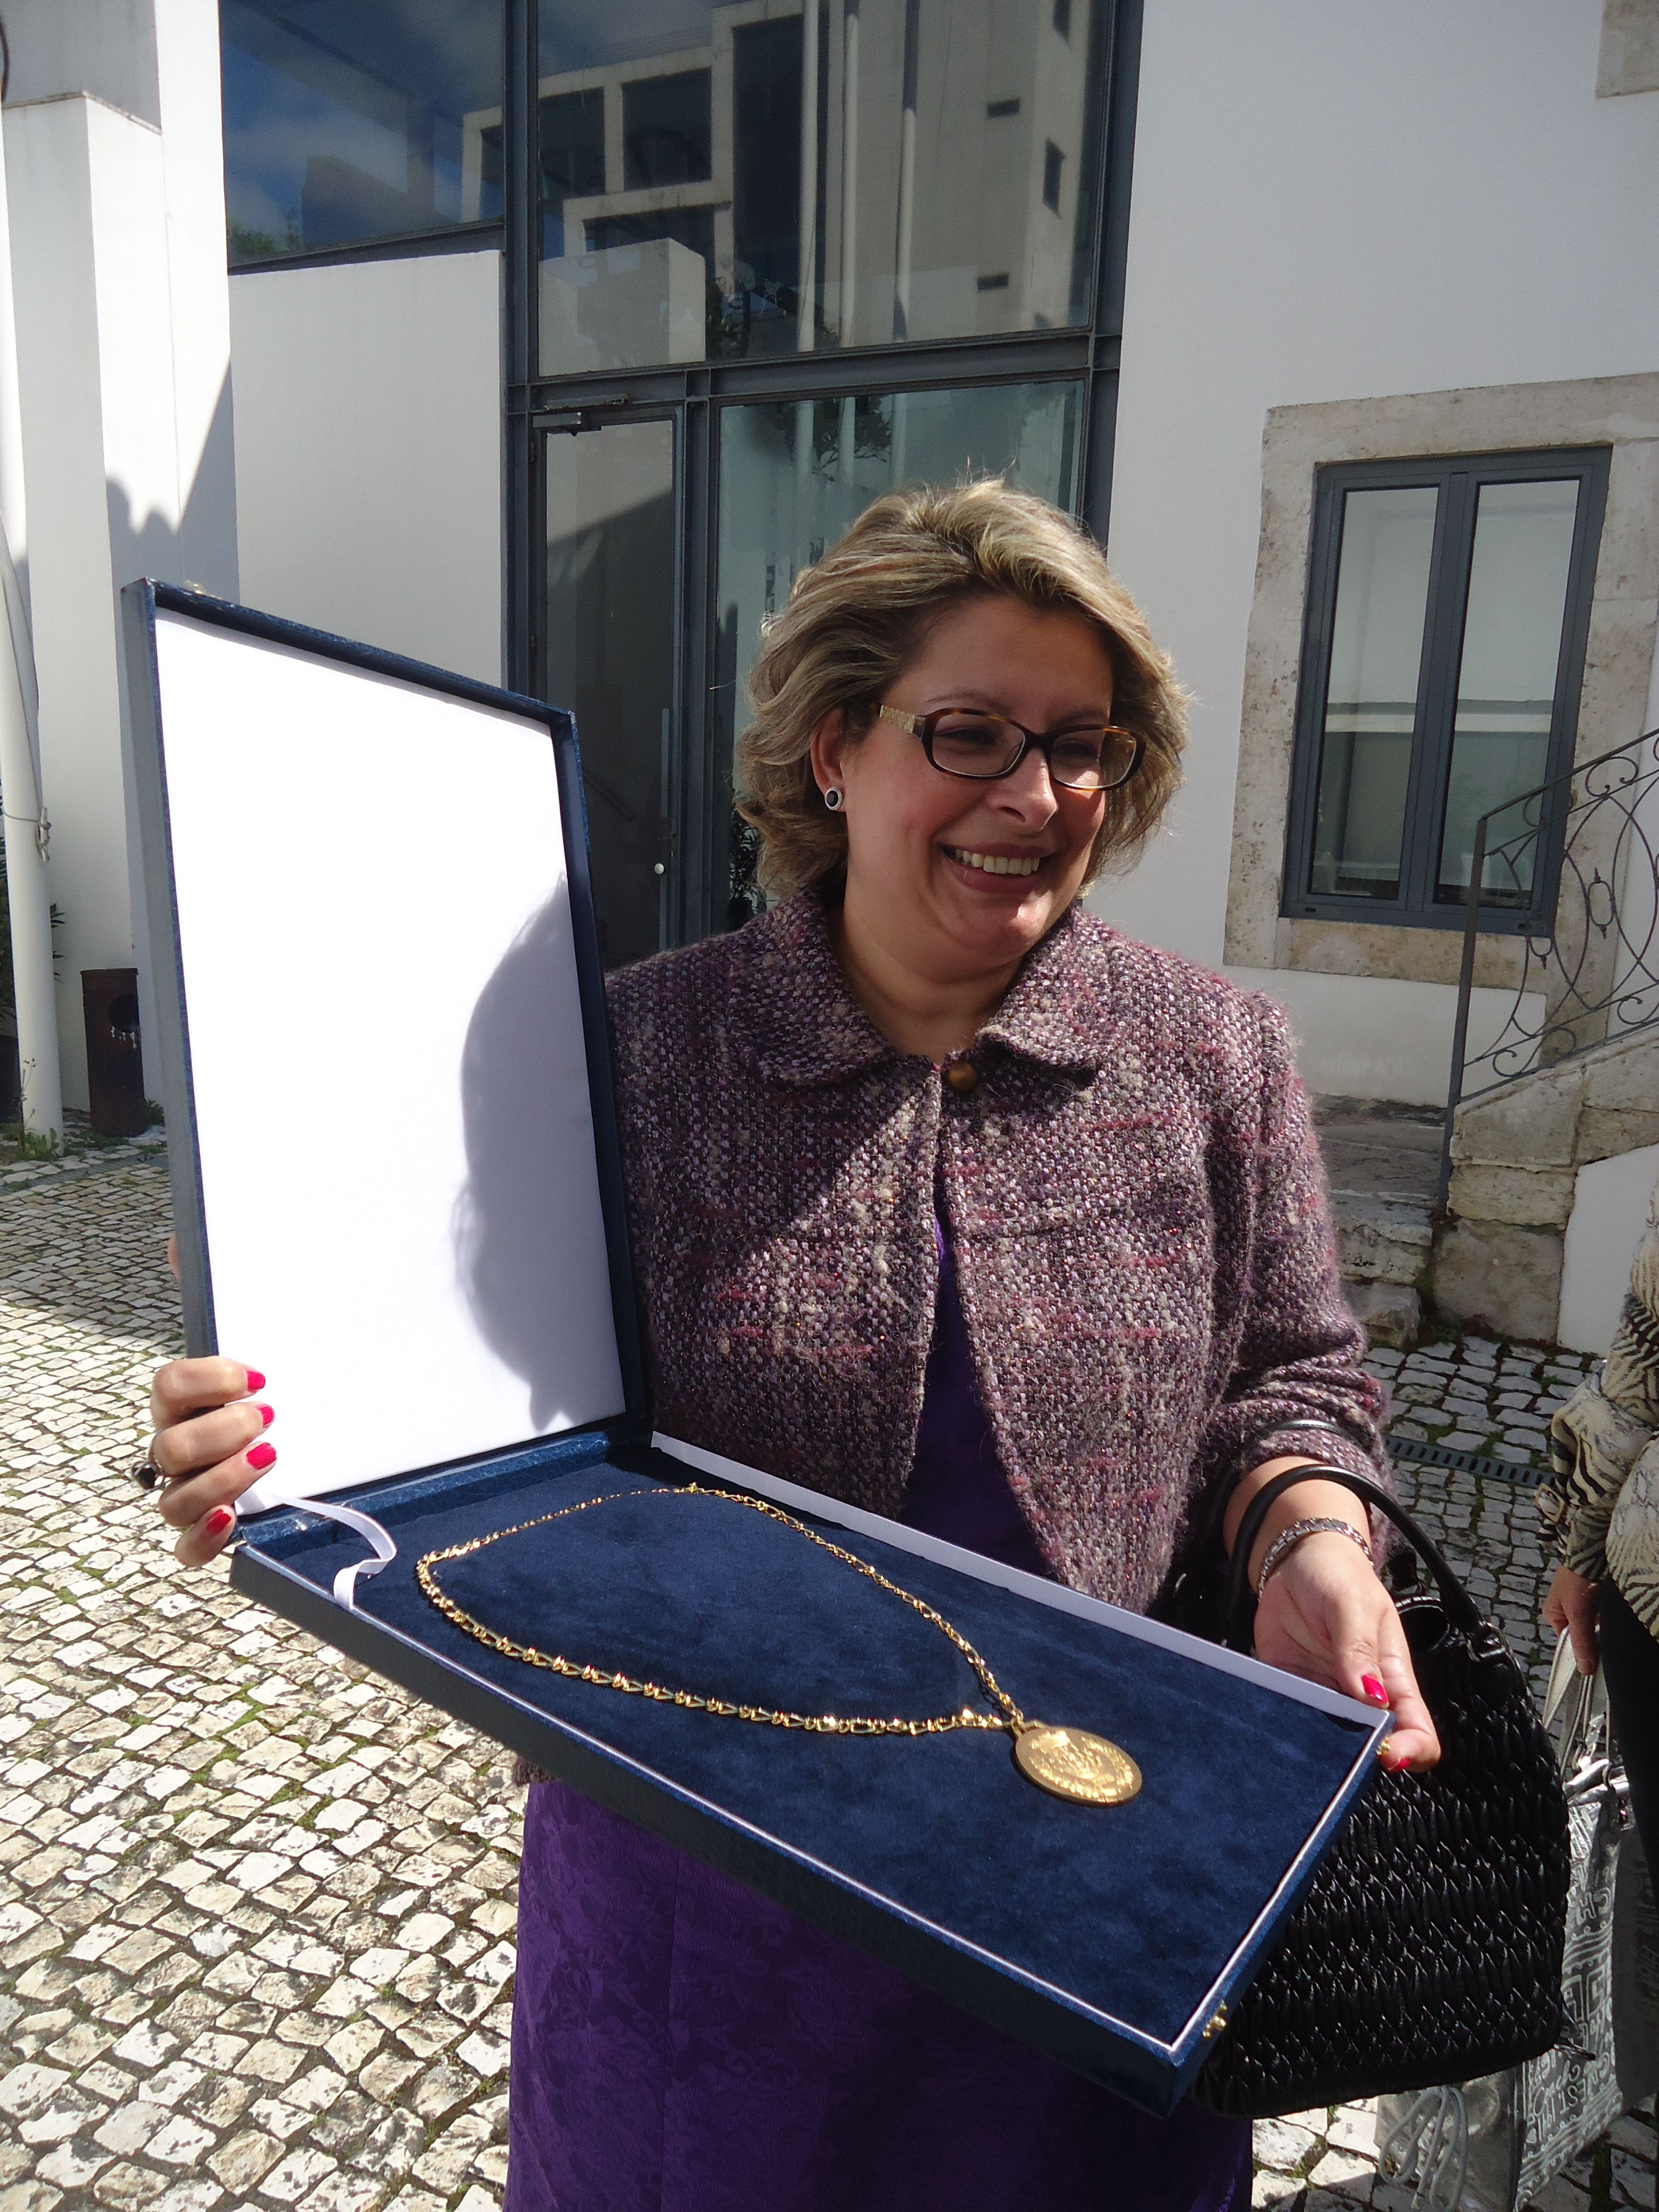 Medalha de Honra - Real Colégio de Portugal